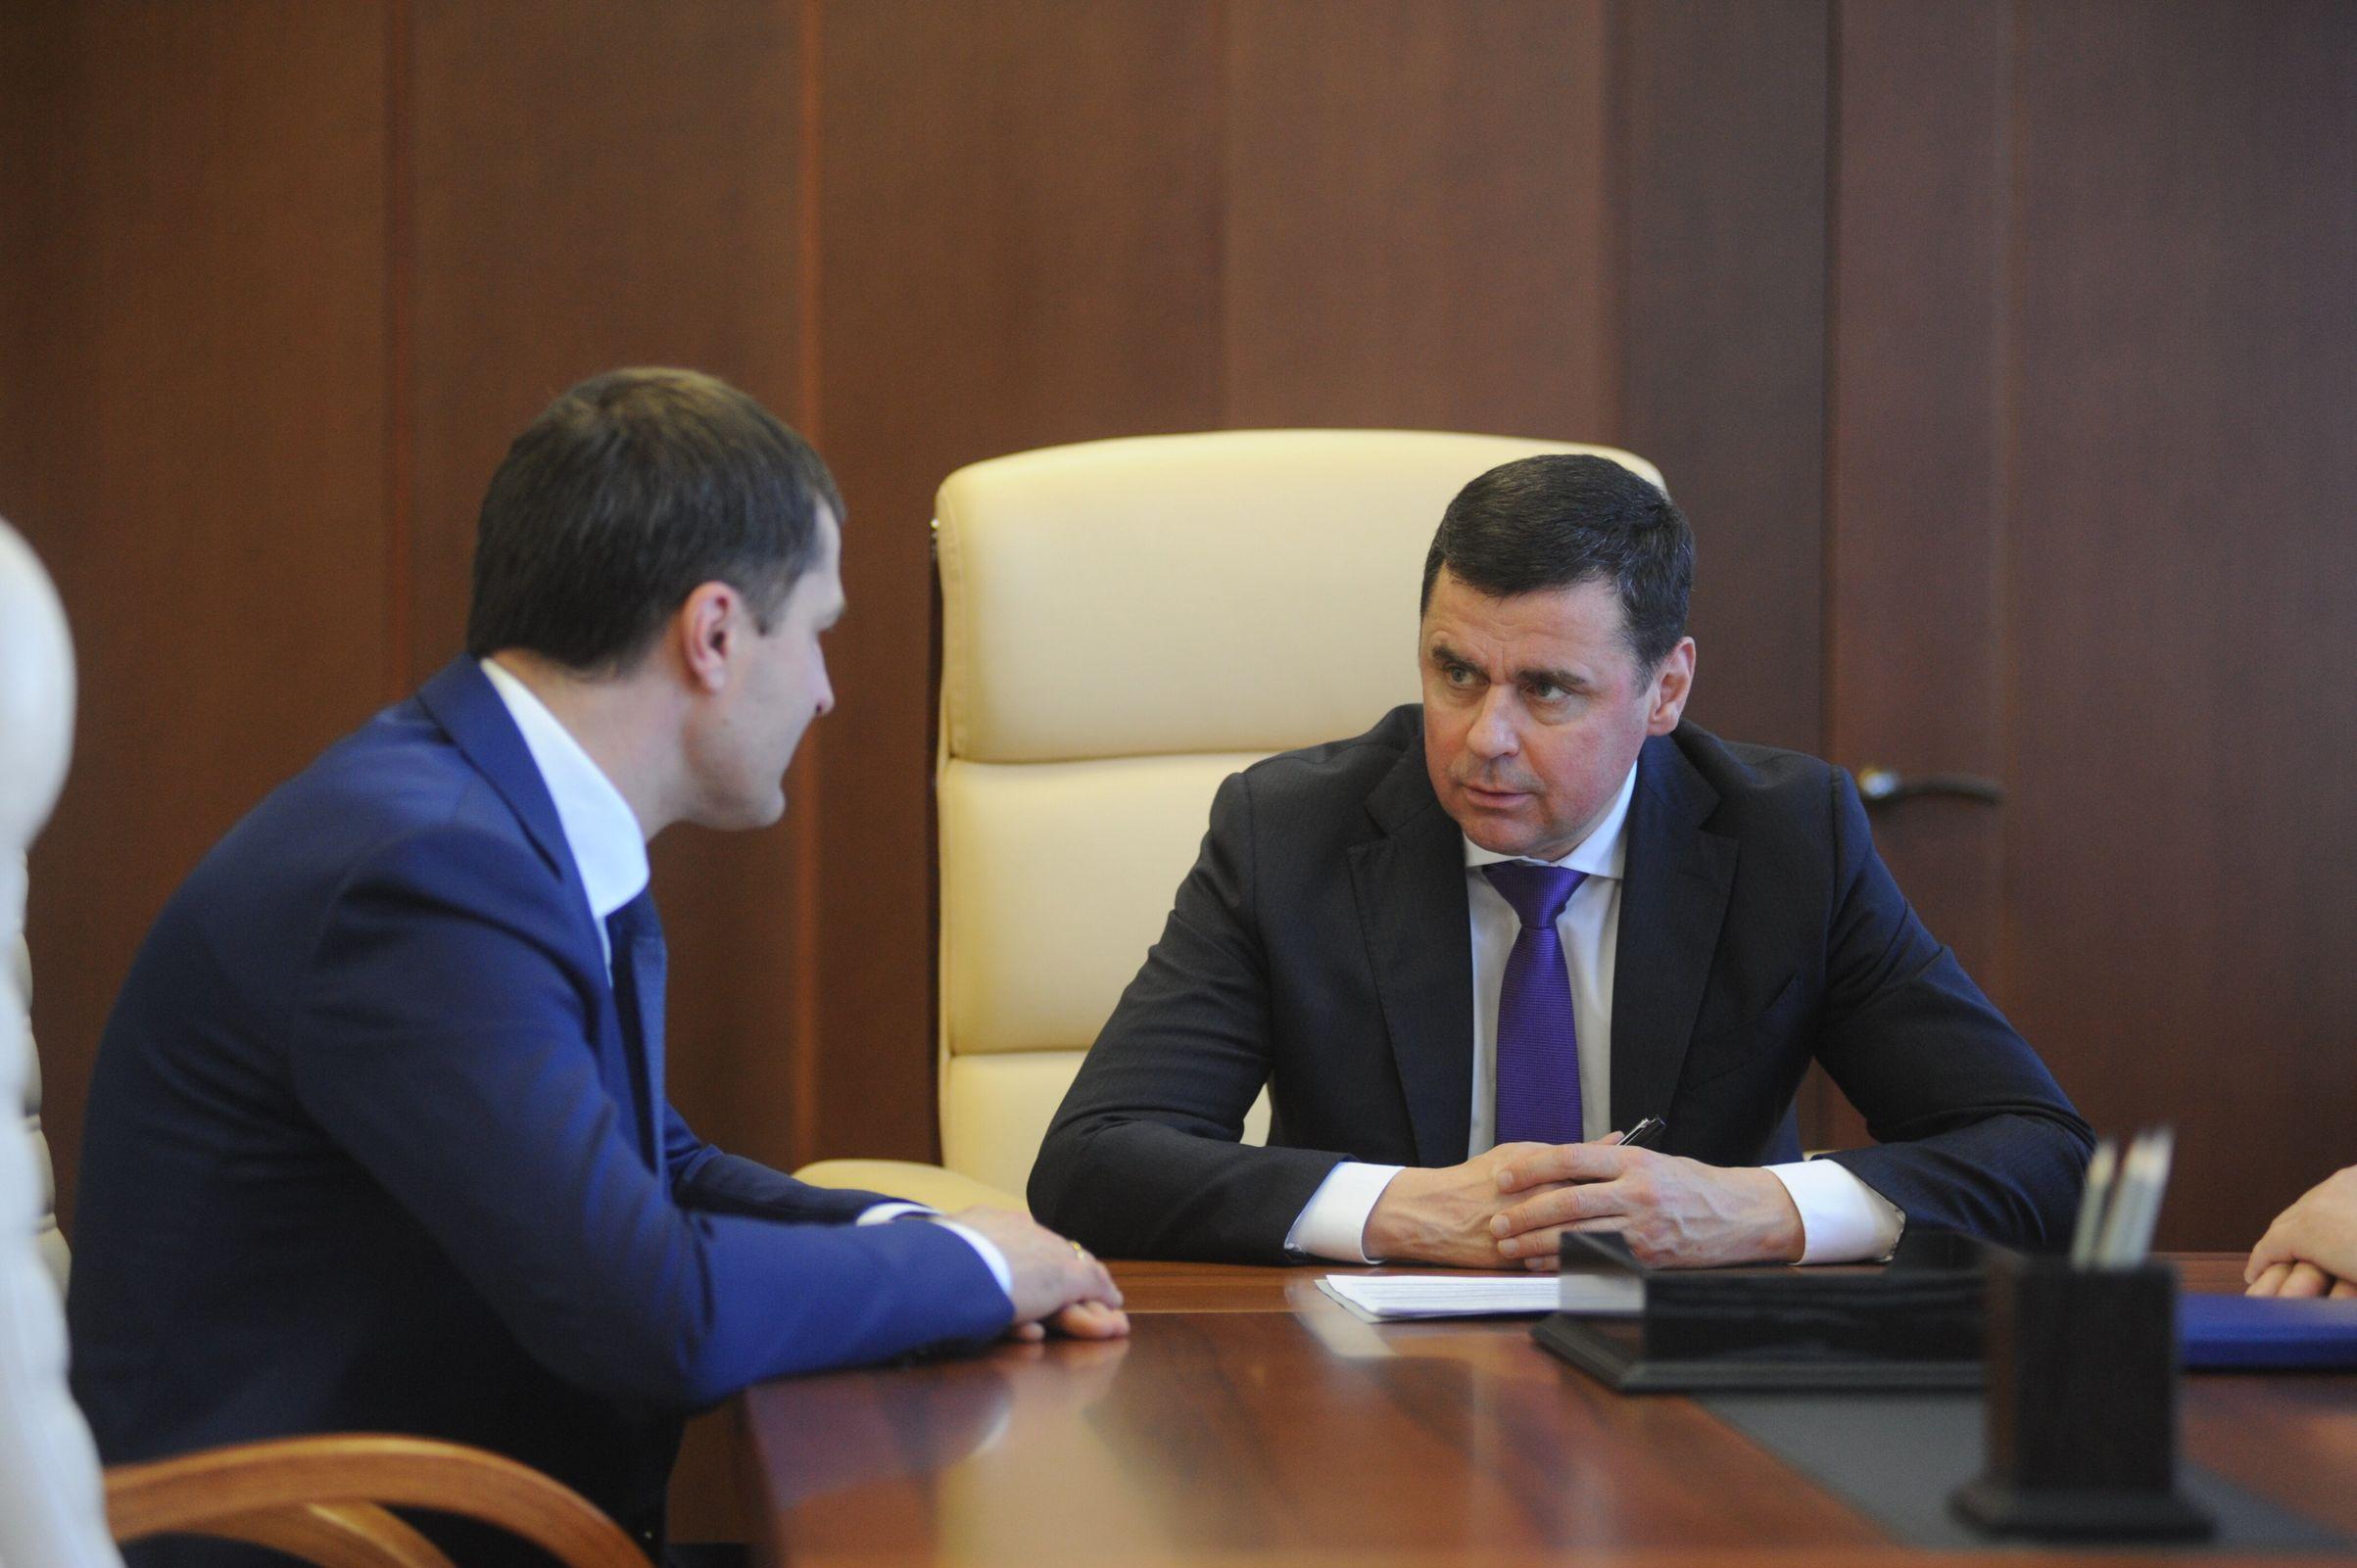 Мэр Ярославля рассказал губернатору, какие меры будут предприняты для улучшения качества уборки города